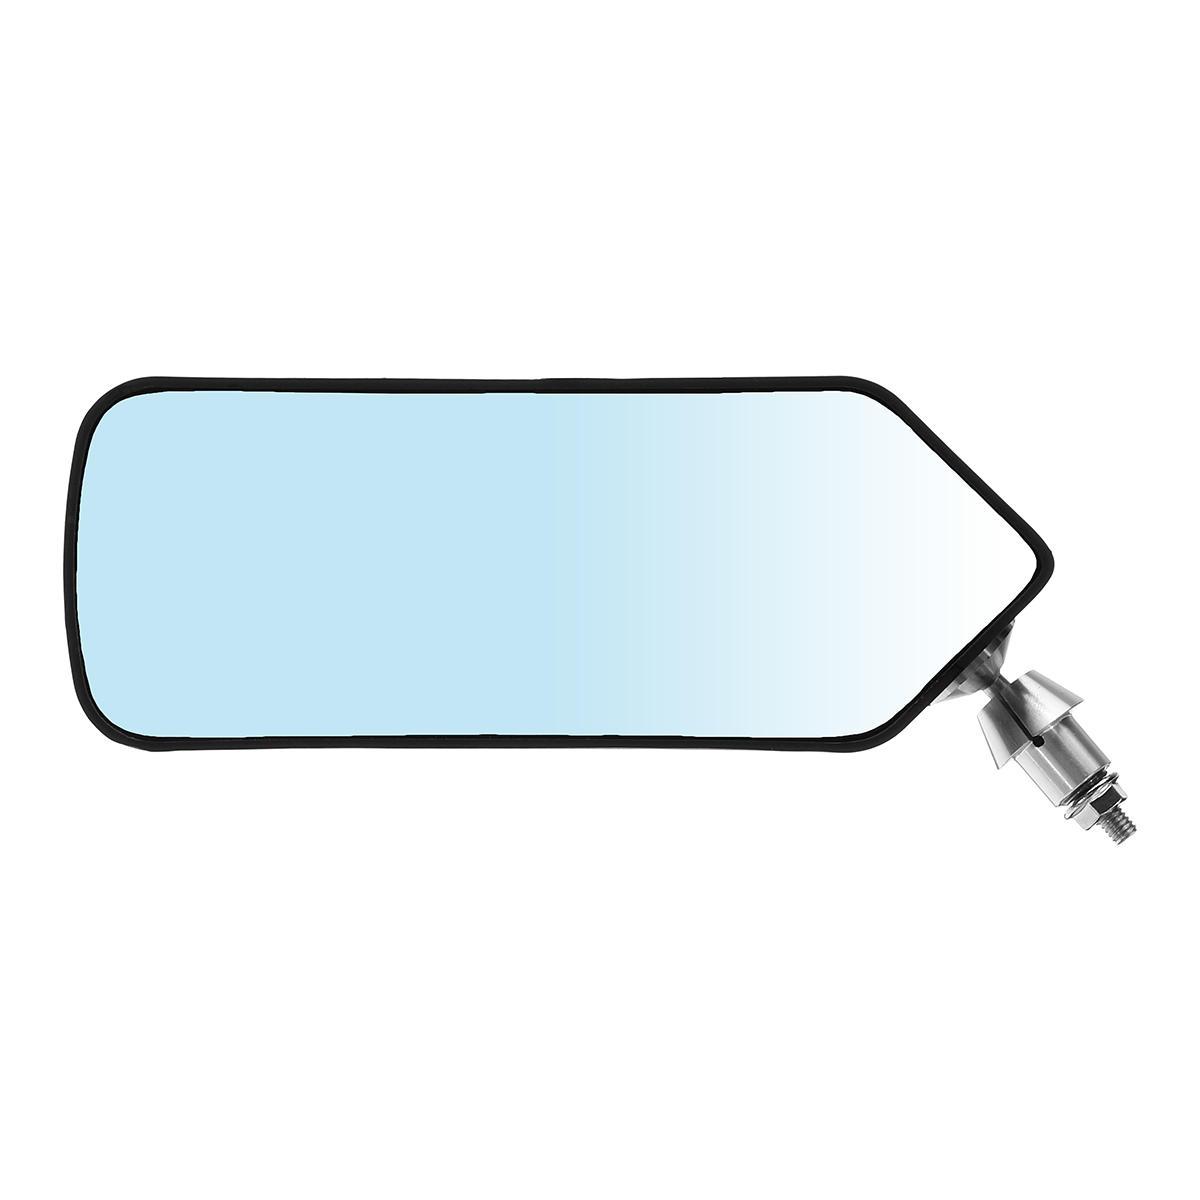 Universal F1 Estilo Azul Suporte de Metal Side Car Esquerda e Direita Espelho